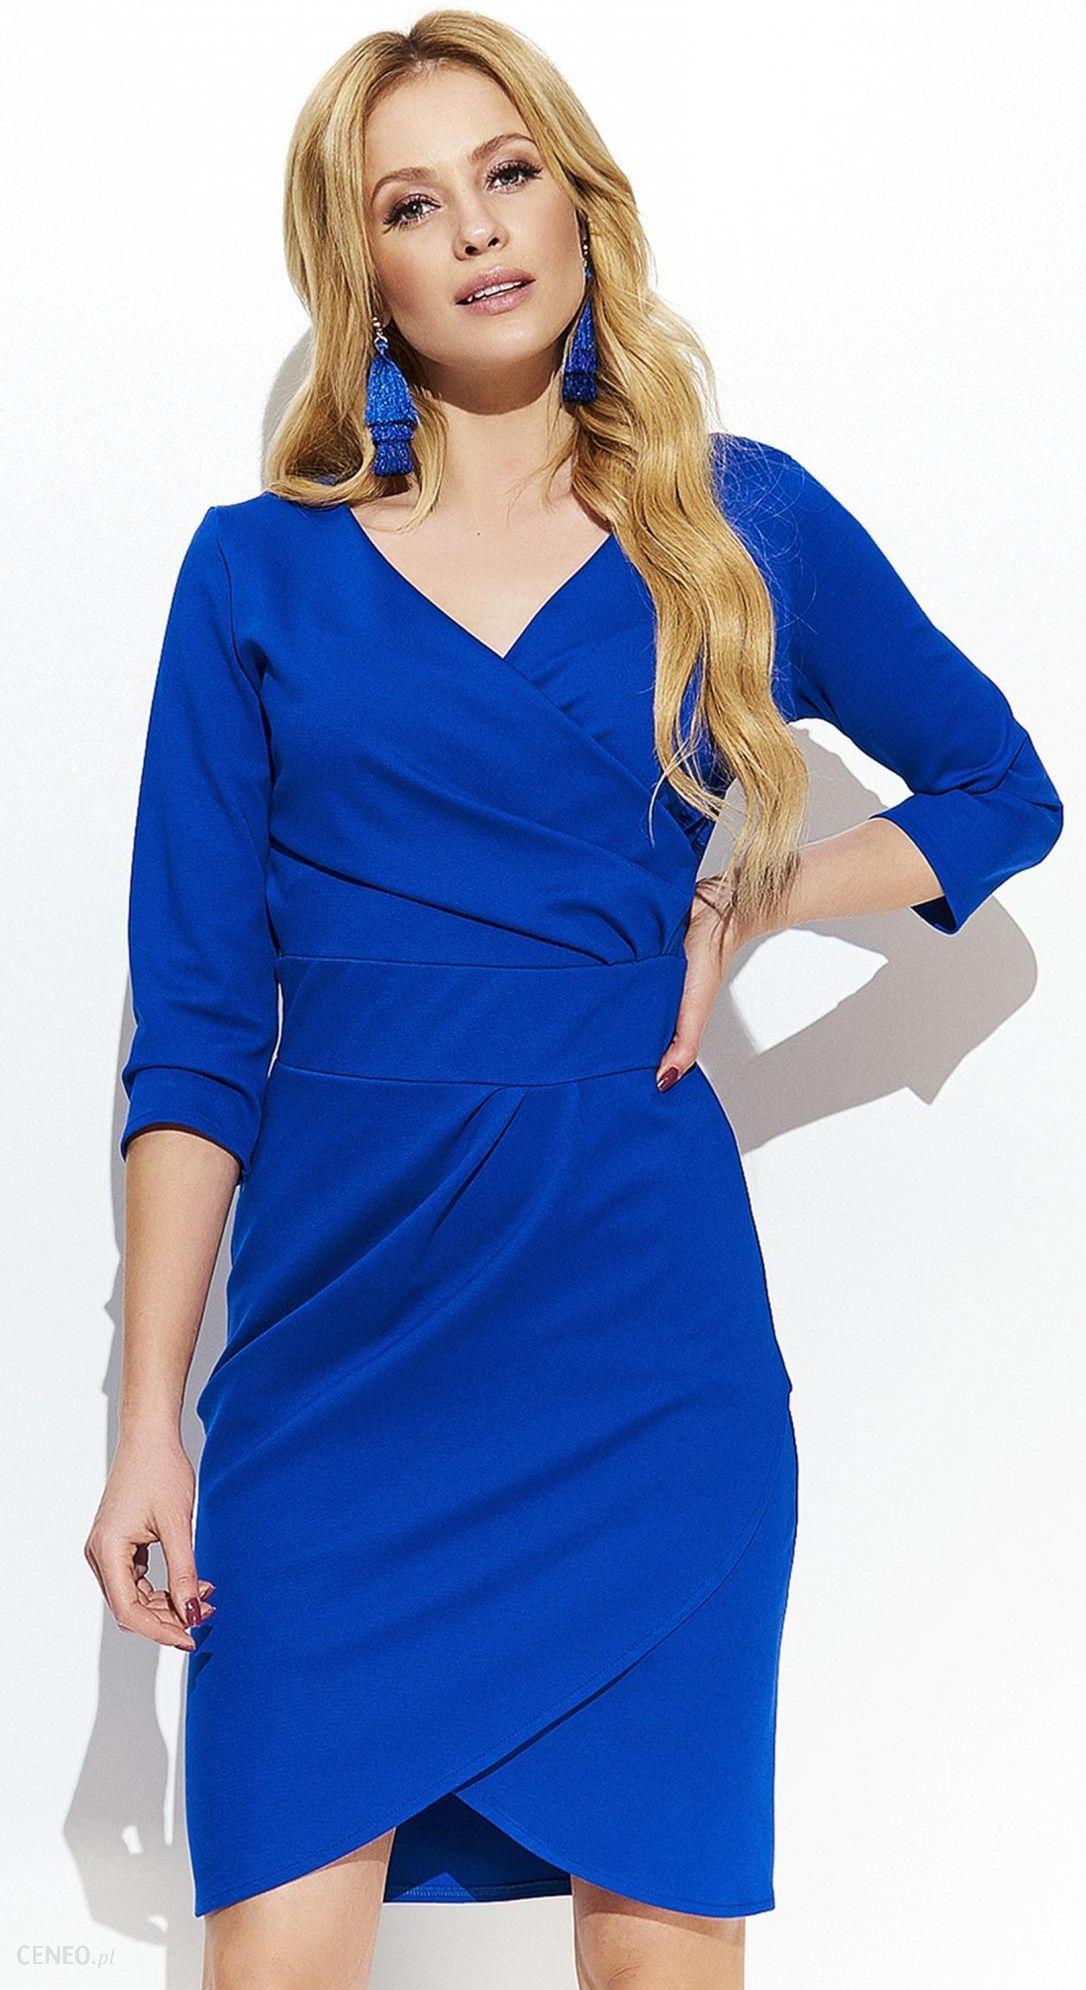 d595f43983 Makadamia sukienka damska 44 niebieska - Ceny i opinie - Ceneo.pl